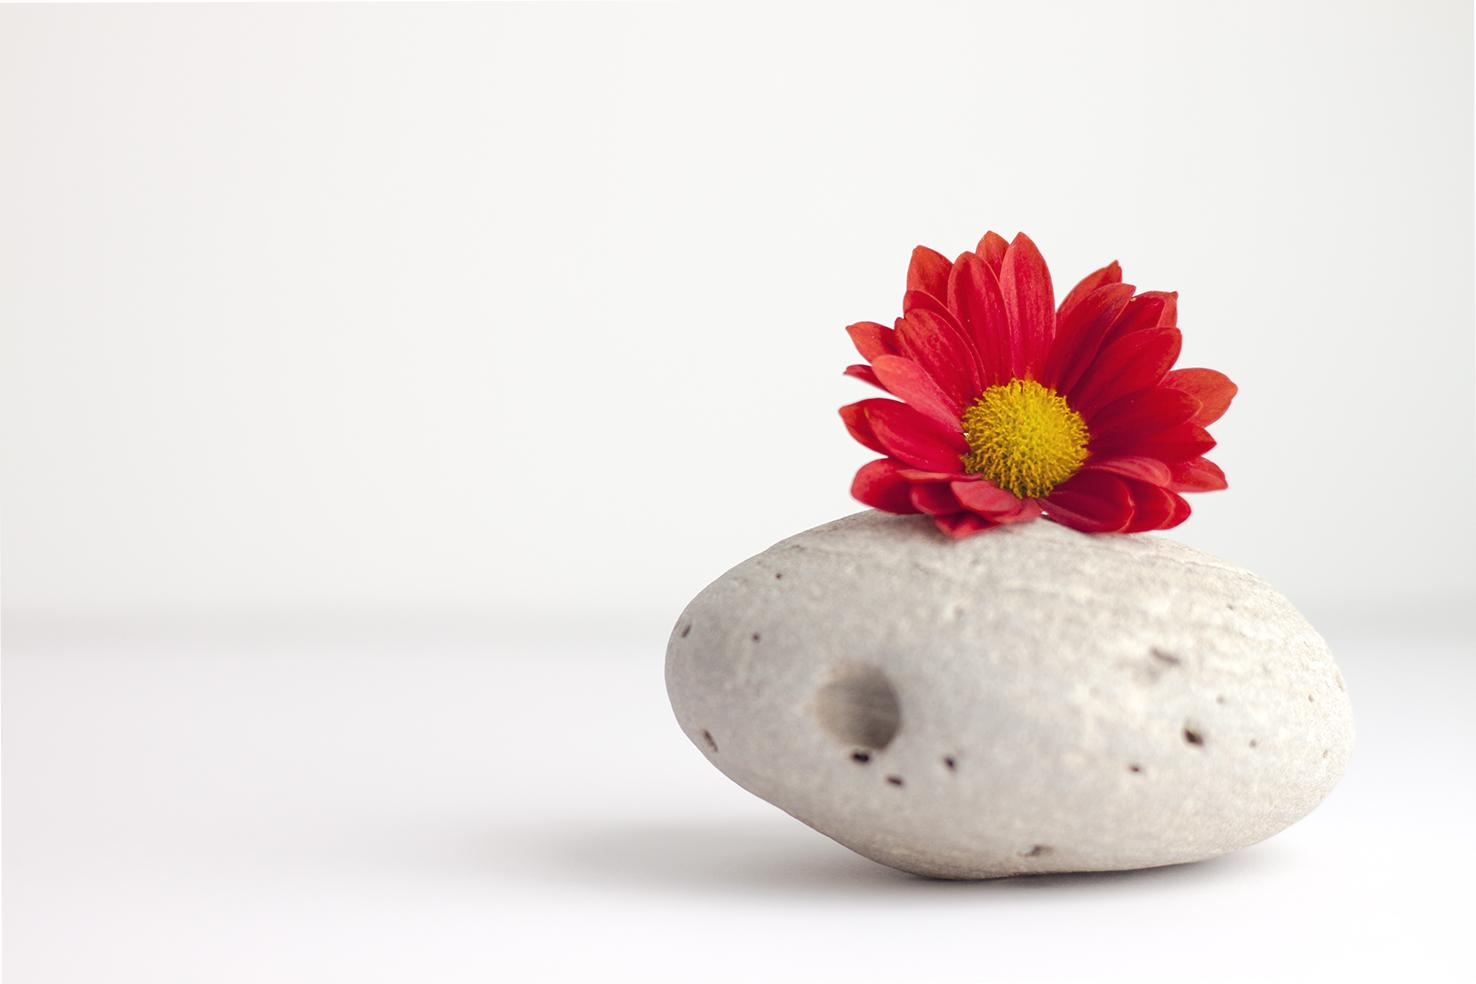 flor y piedra